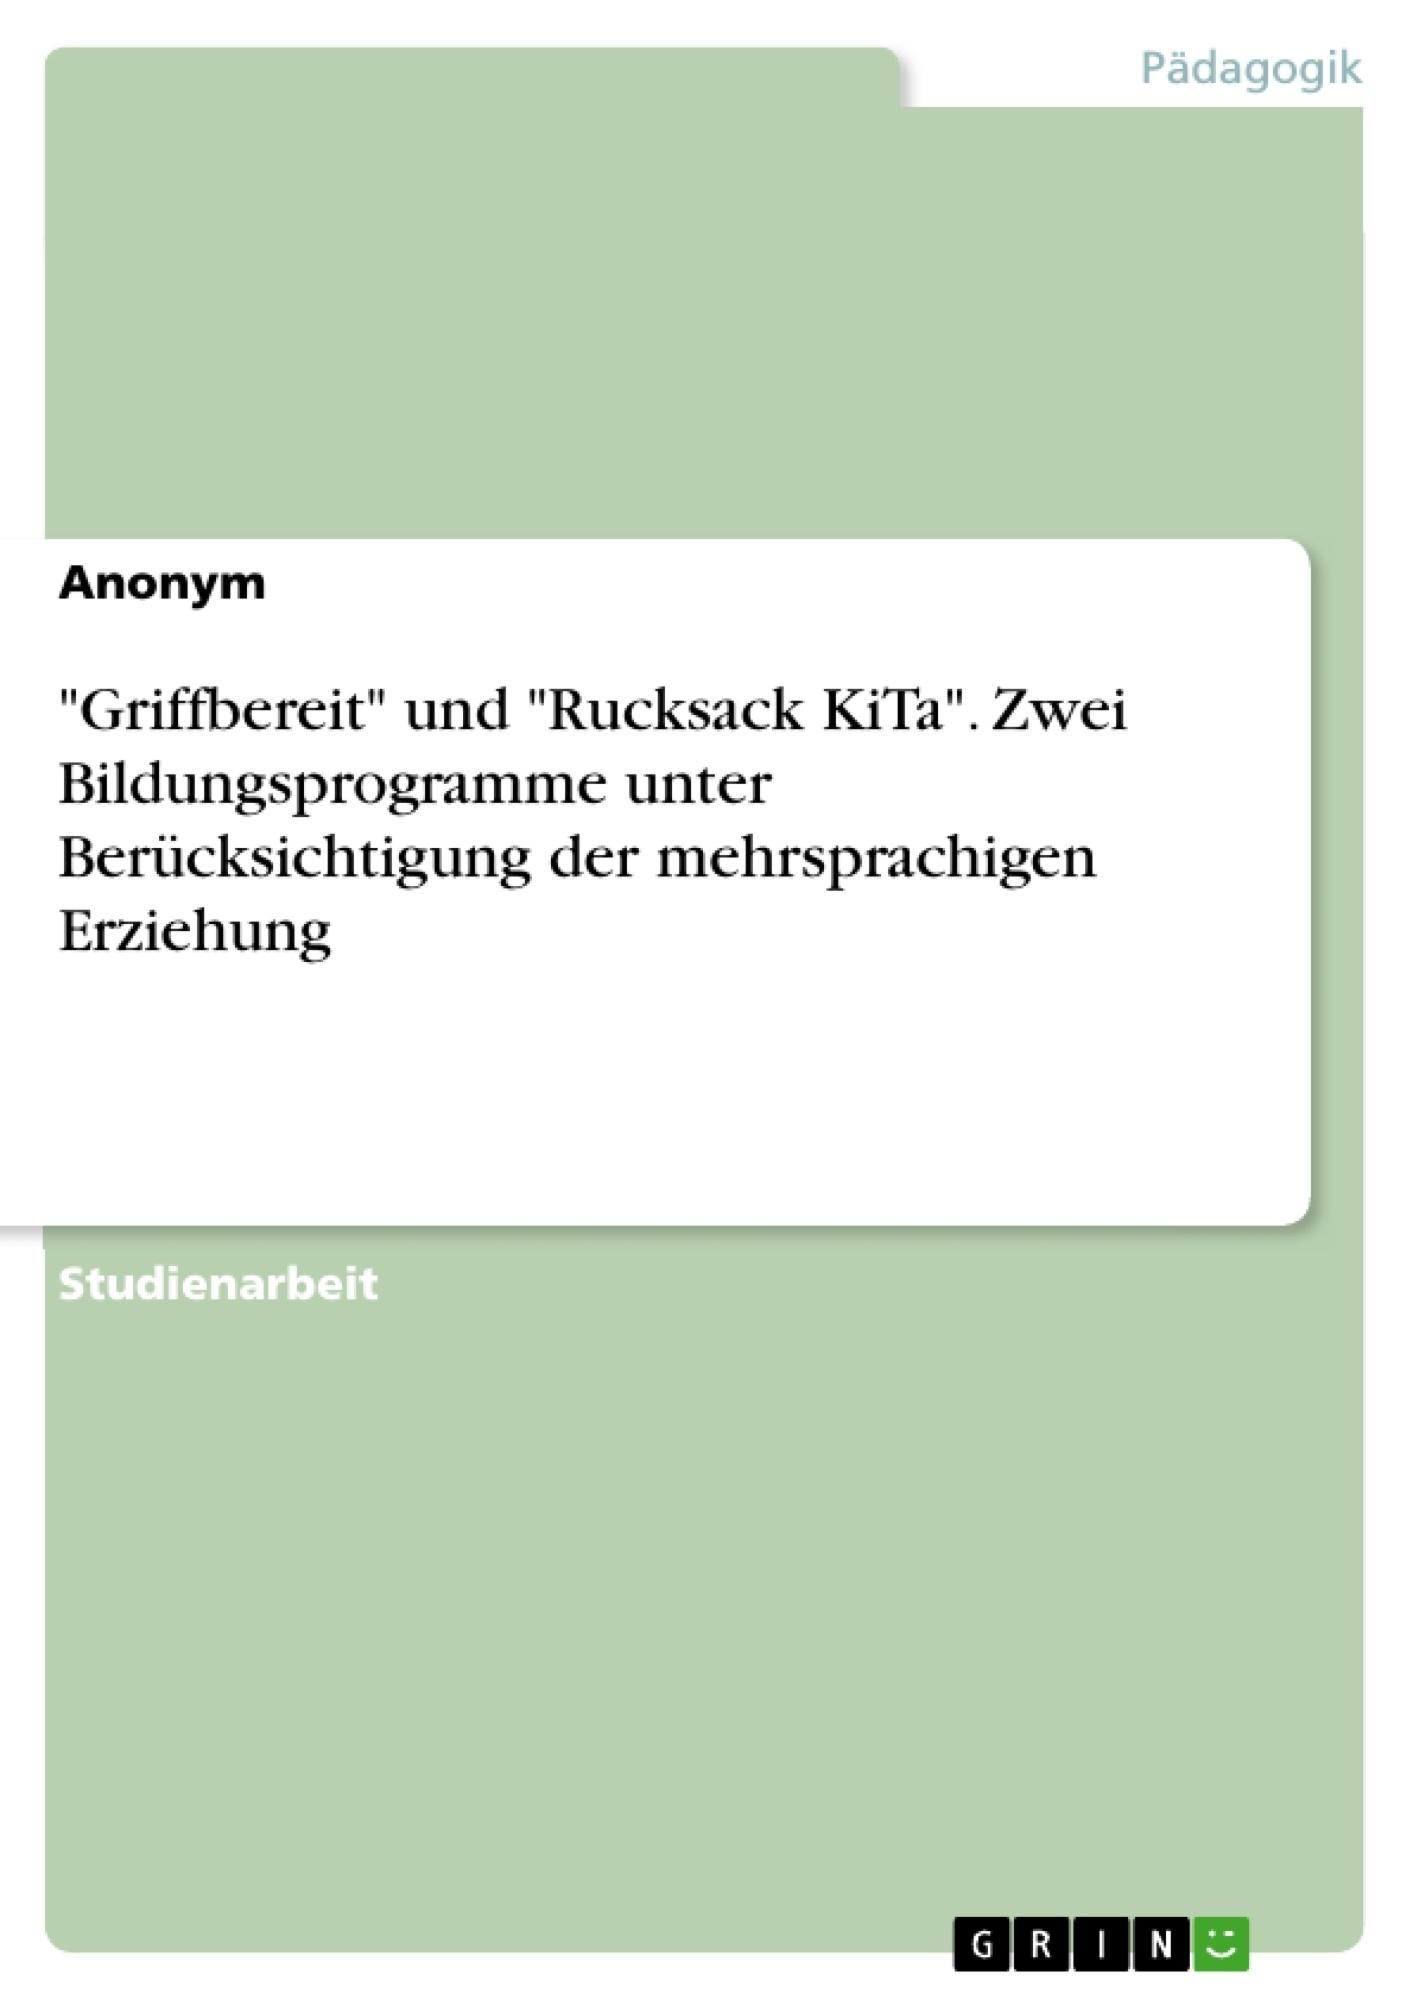 """Titel: """"Griffbereit"""" und """"Rucksack KiTa"""". Zwei Bildungsprogramme unter Berücksichtigung der mehrsprachigen Erziehung"""